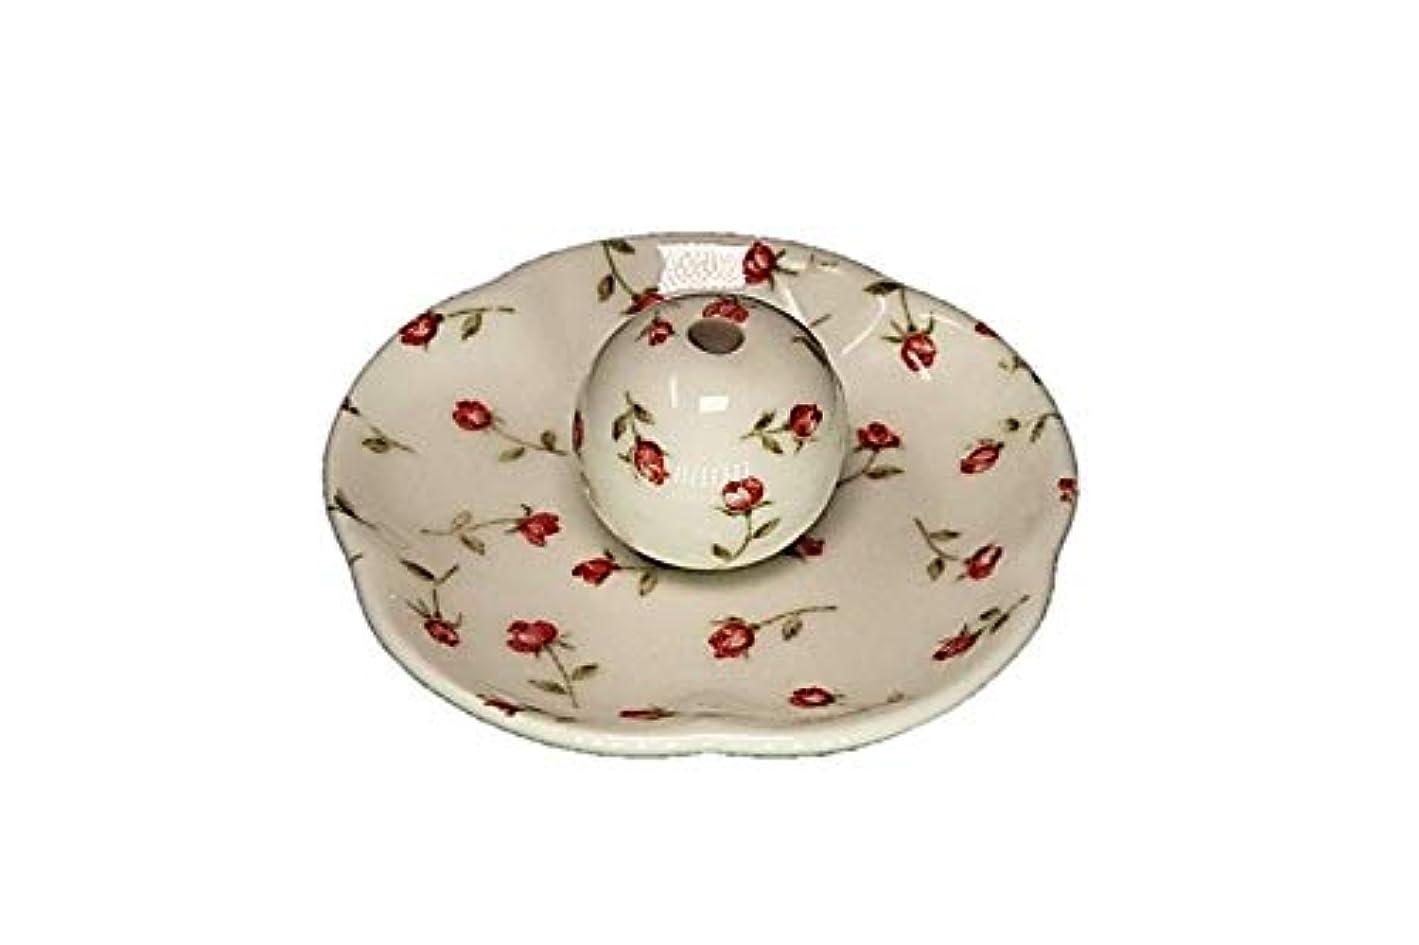 コーラス怪しい祈りローズガーデン 花形香皿 お香立て お香たて 日本製 ACSWEBSHOPオリジナル